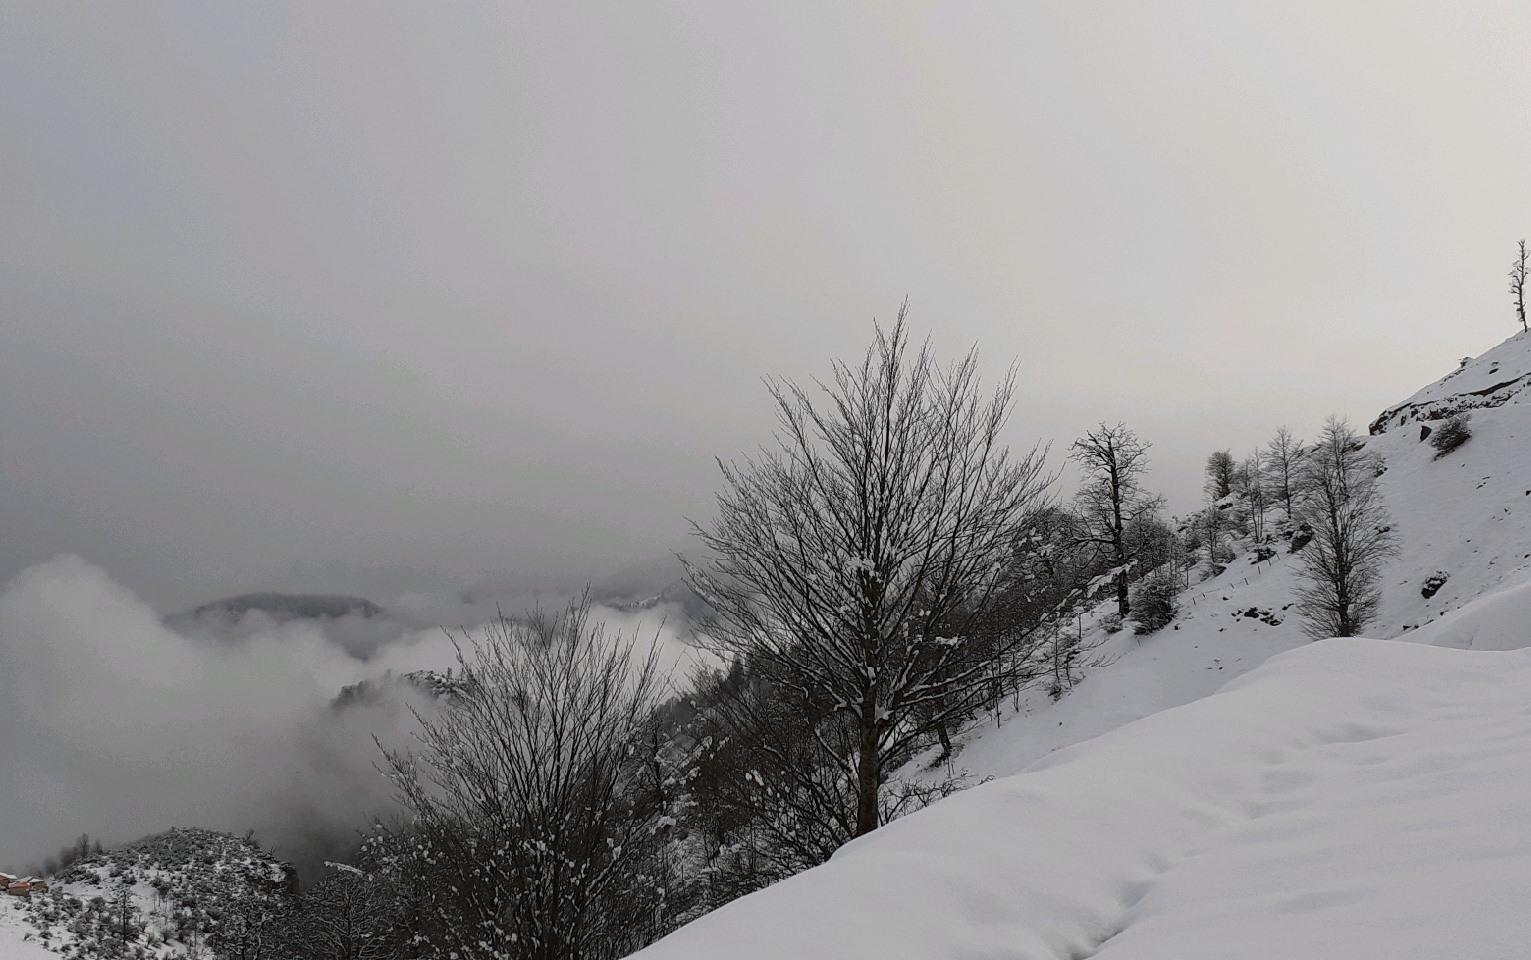 بارش برف همچنان در کوهستانهای گیلان